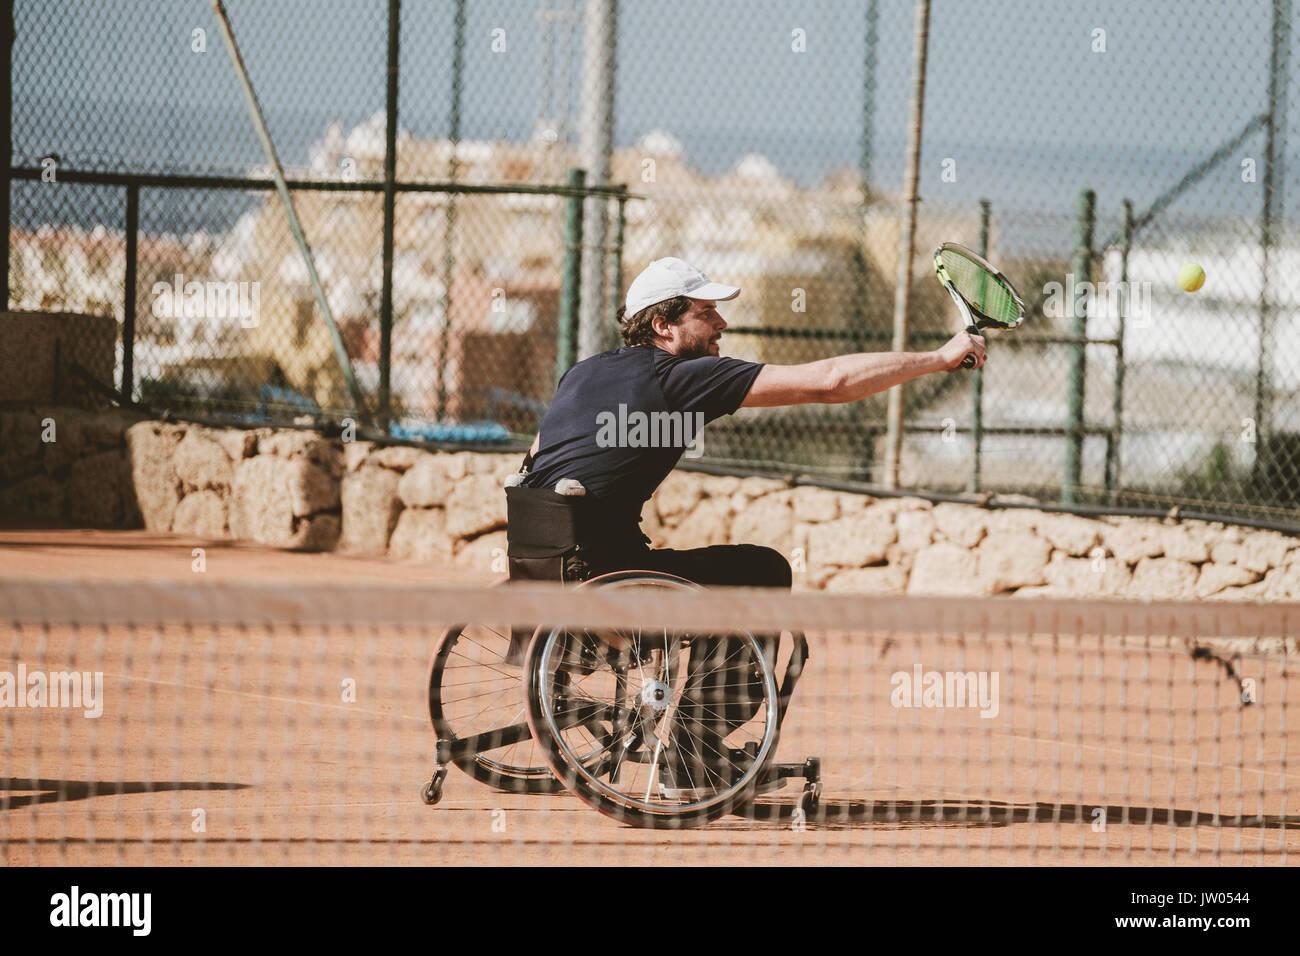 Adulto medio austríaco tenista paralímpico jugando en cancha de tenis Foto de stock